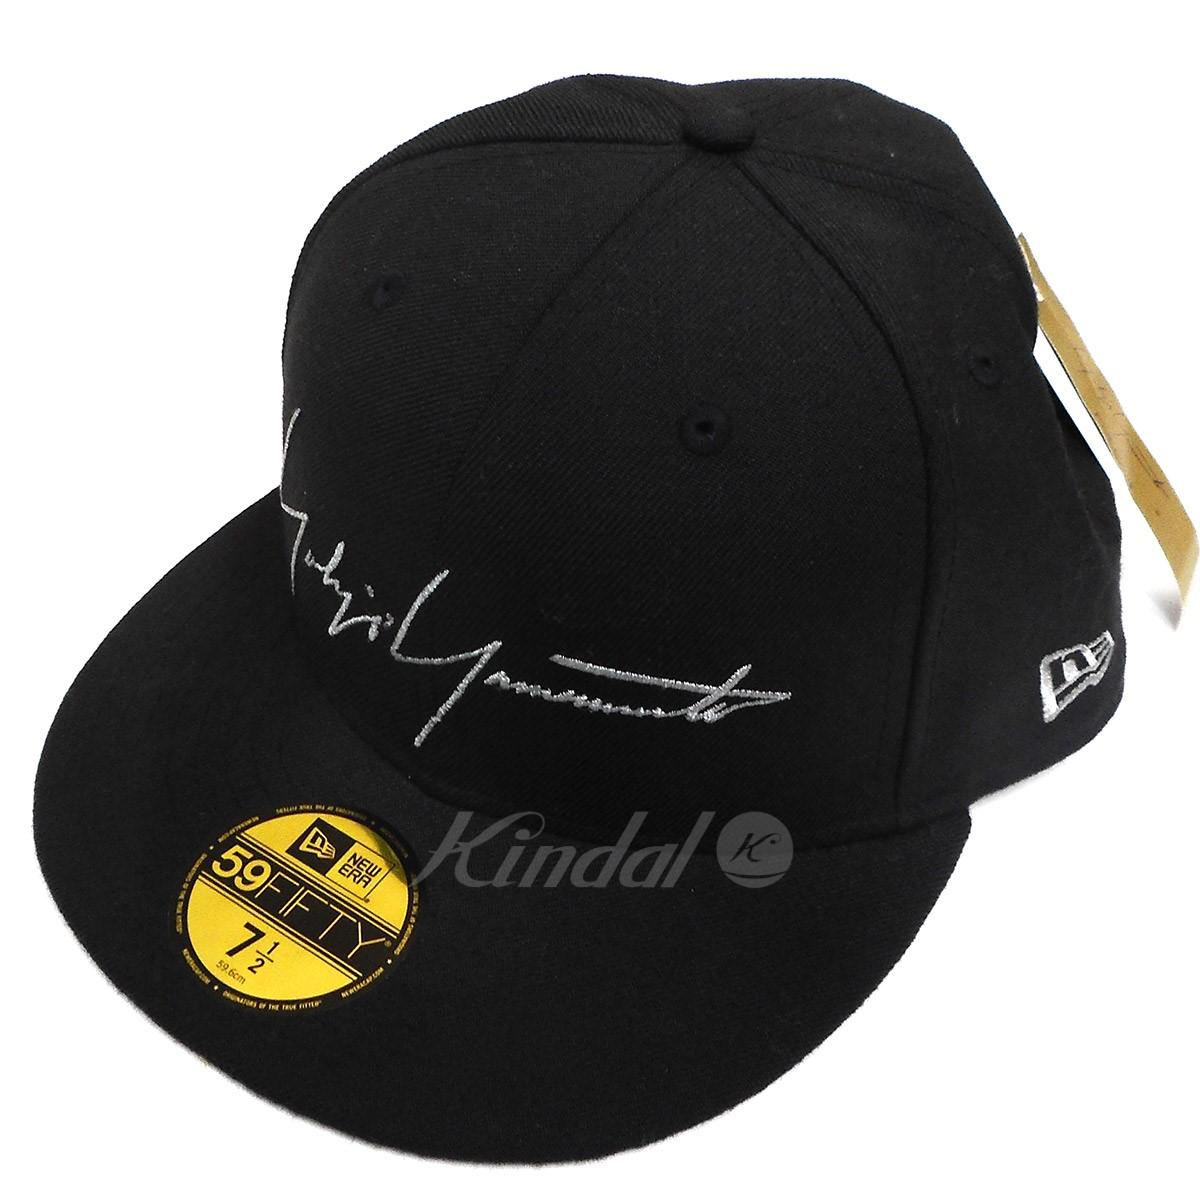 【中古】YOHJI YAMAMOTO pour homme×NEW ERA 17SS 59FIFTY LOGO CAP ロゴ刺繍ベースボールキャップ ブラック サイズ:7 1/2 【送料無料】 【231018】(ヨウジヤマモトプールオム×ニューエラ)